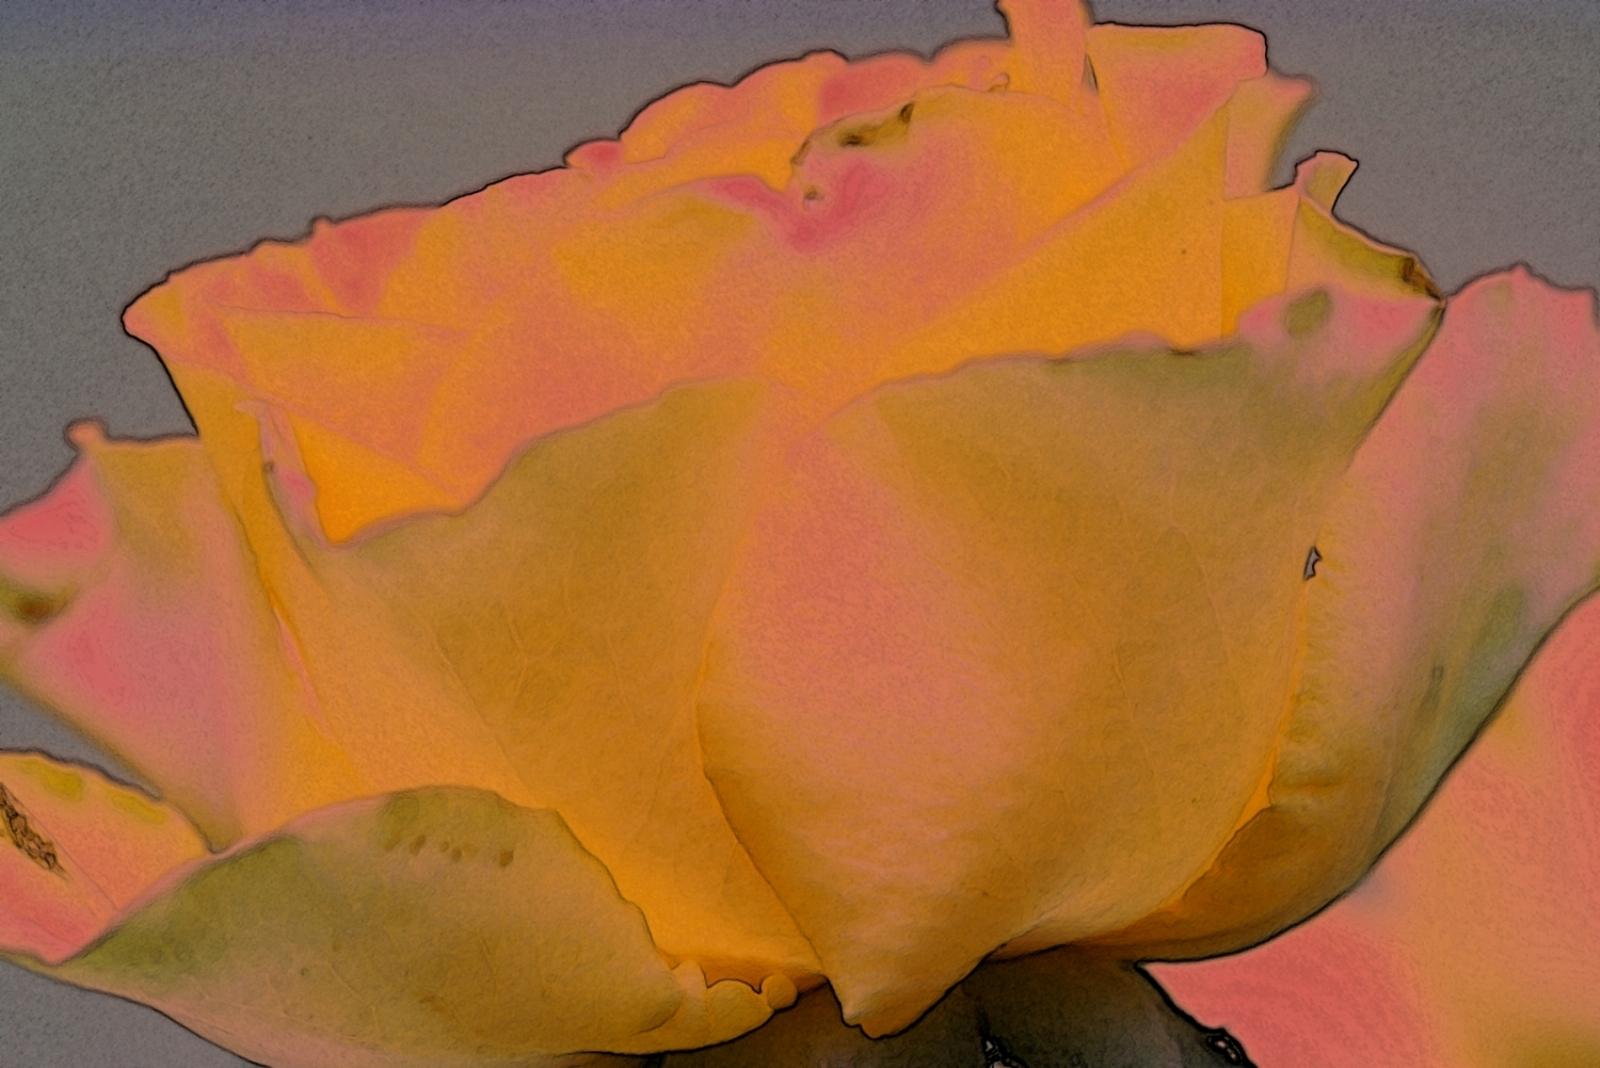 Masaüstü Boyama Sarı Portakal Gül şeftali Sanat çiçek Rüya